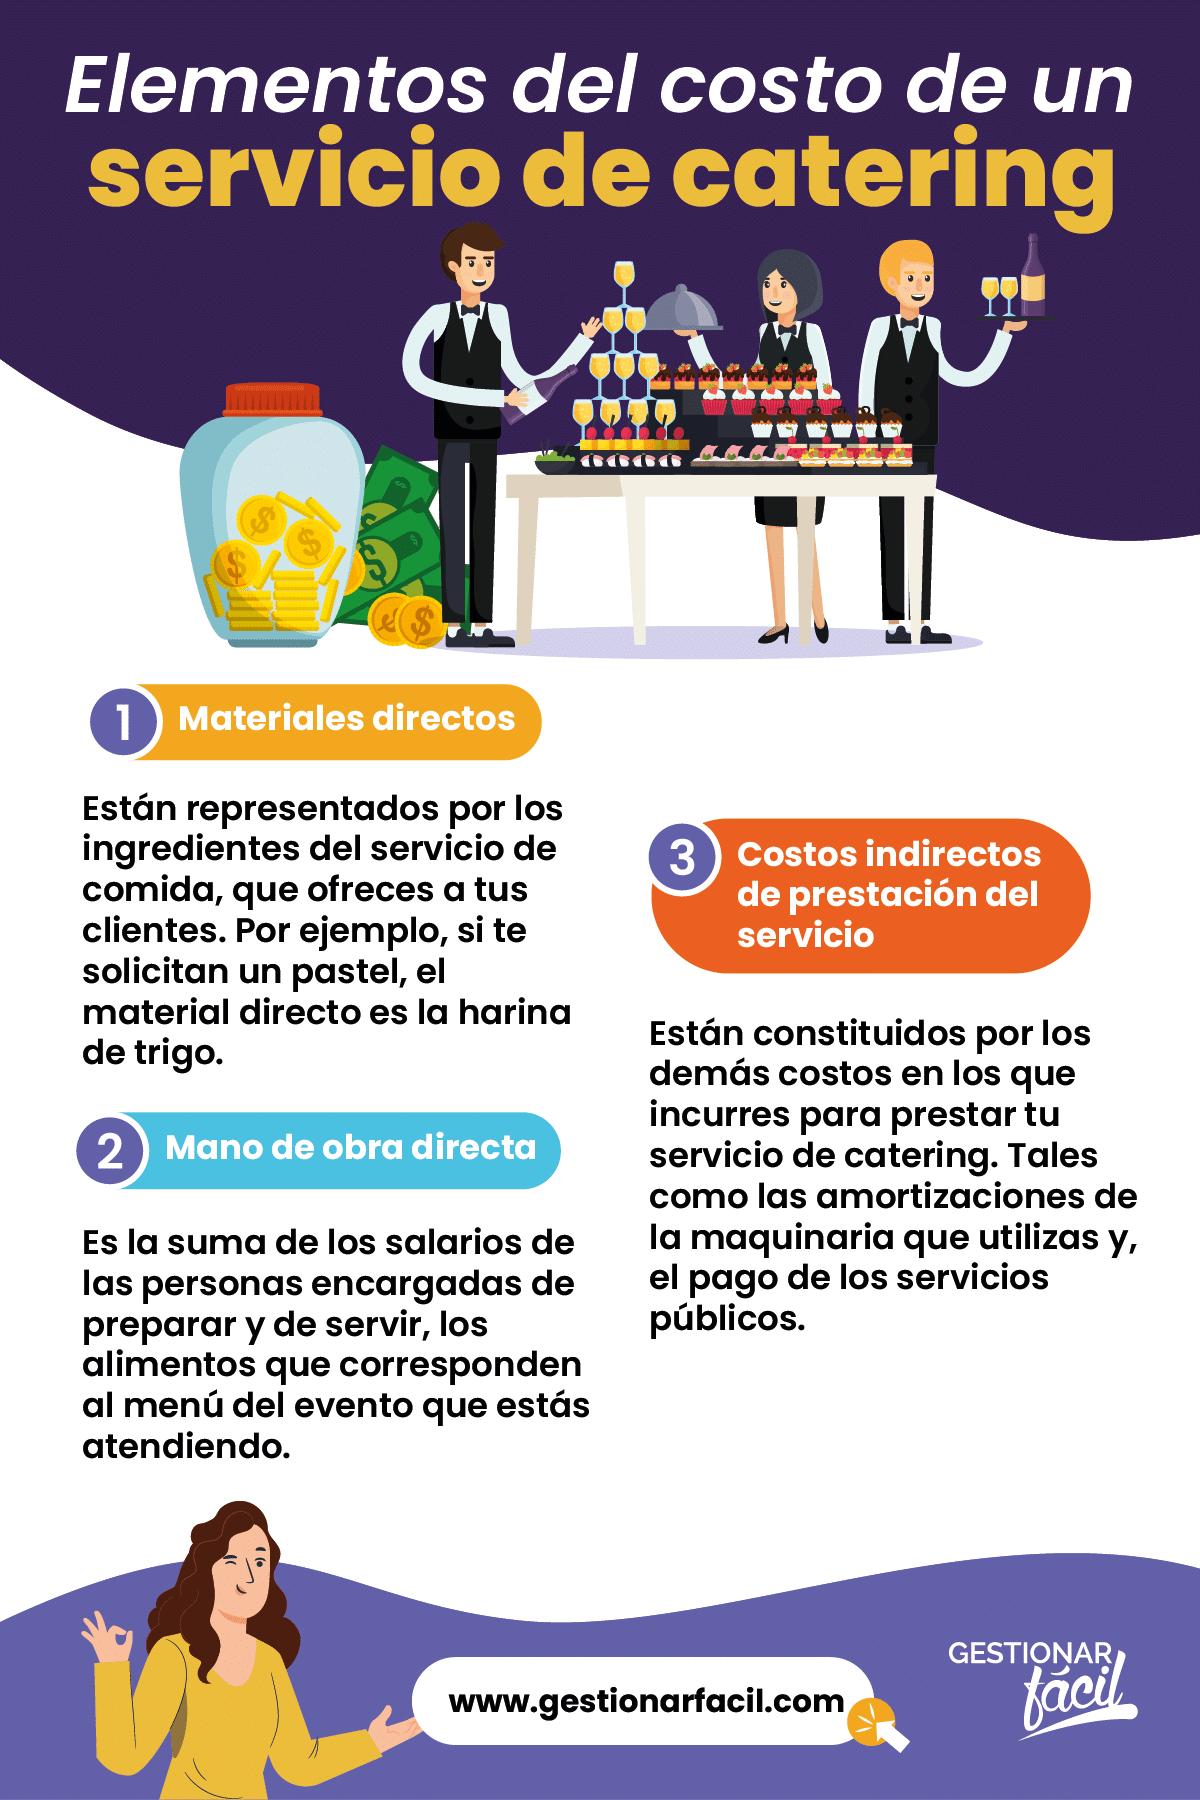 Elementos del costo de un servicio de catering.